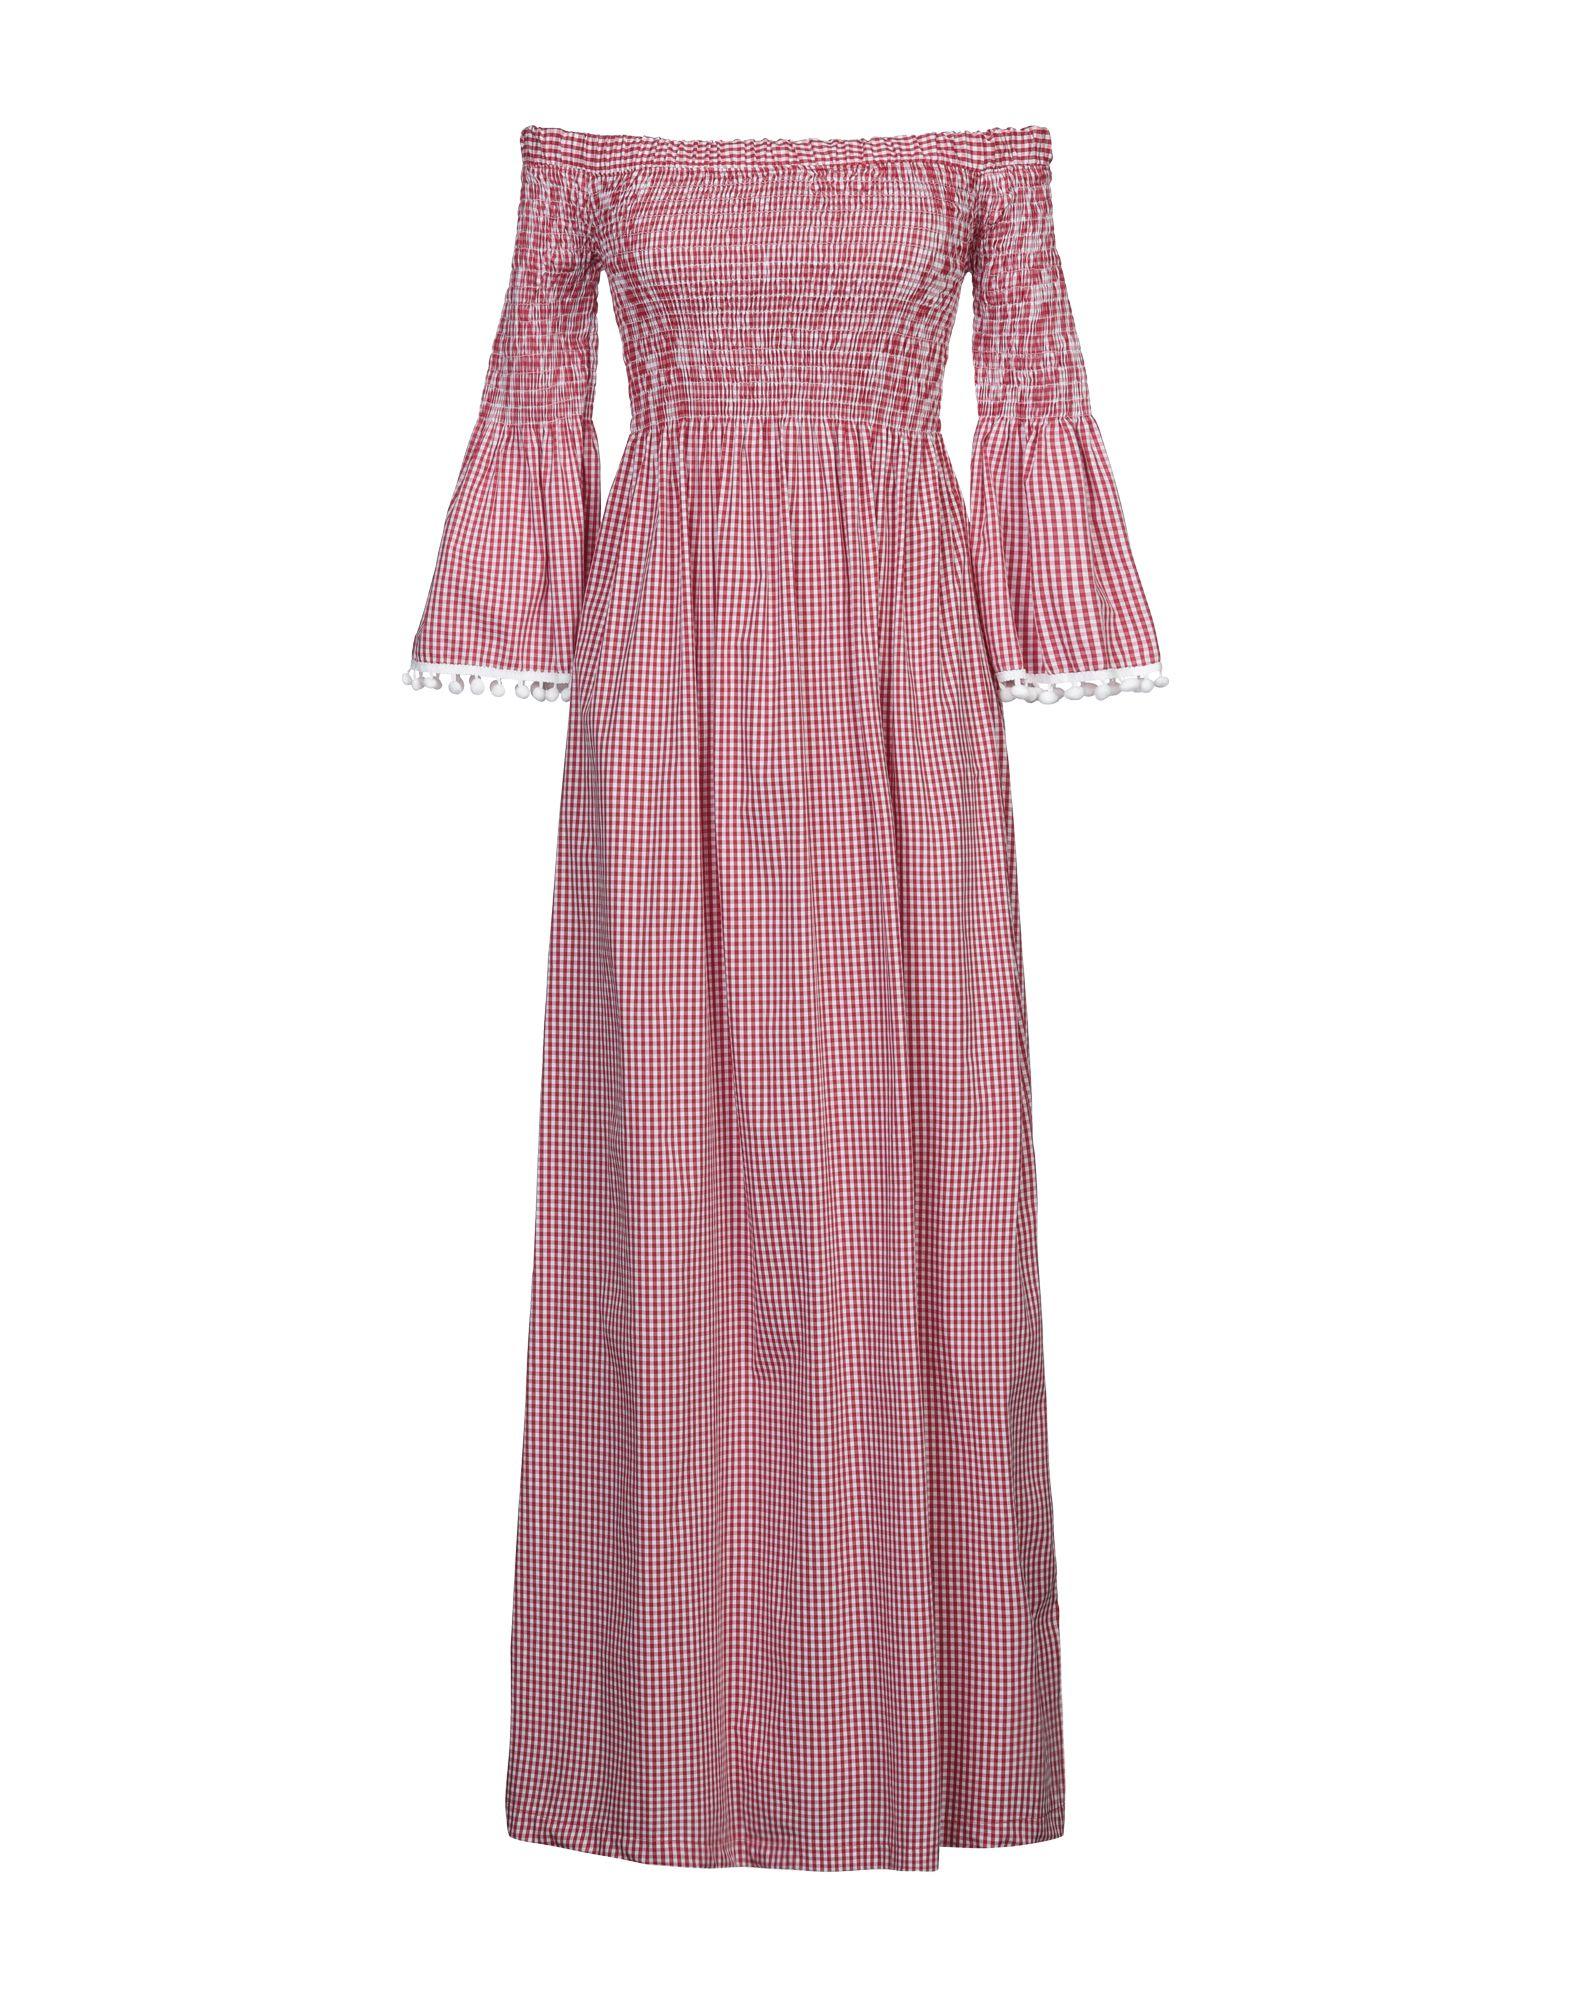 TOY G. Длинное платье